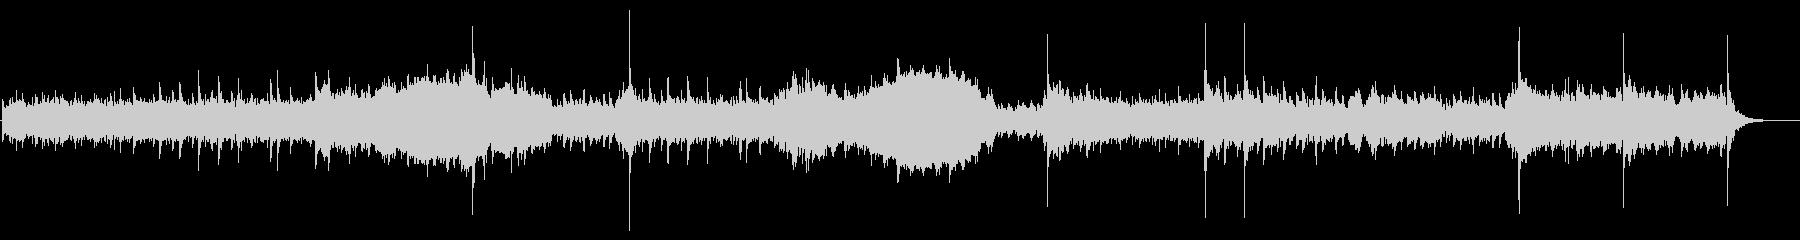 「サーカスアラスケッチ」は、邪悪な...の未再生の波形